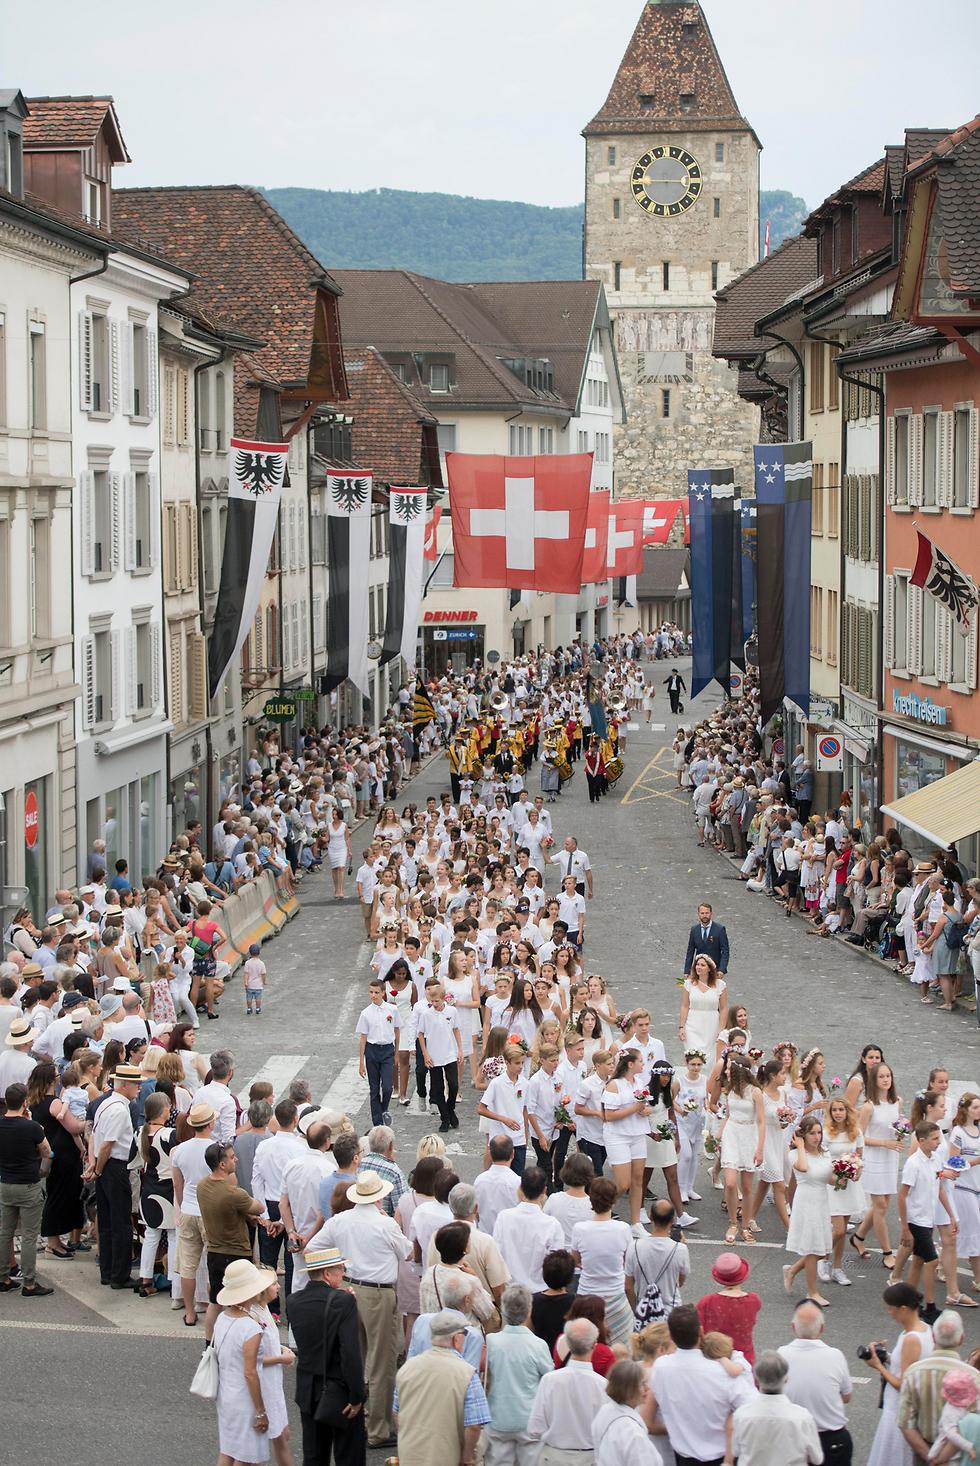 """חגיגות """"מיינצוג"""" לילדים ובני נוער בארגאו, אחד מהקנטונים הצפוניים של שווייץ. האירוע שנערך זה יותר מ-400 שנה נערך מדי שנה ביום שישי הראשון של חודש יולי (צילום: EPA) (צילום: EPA)"""